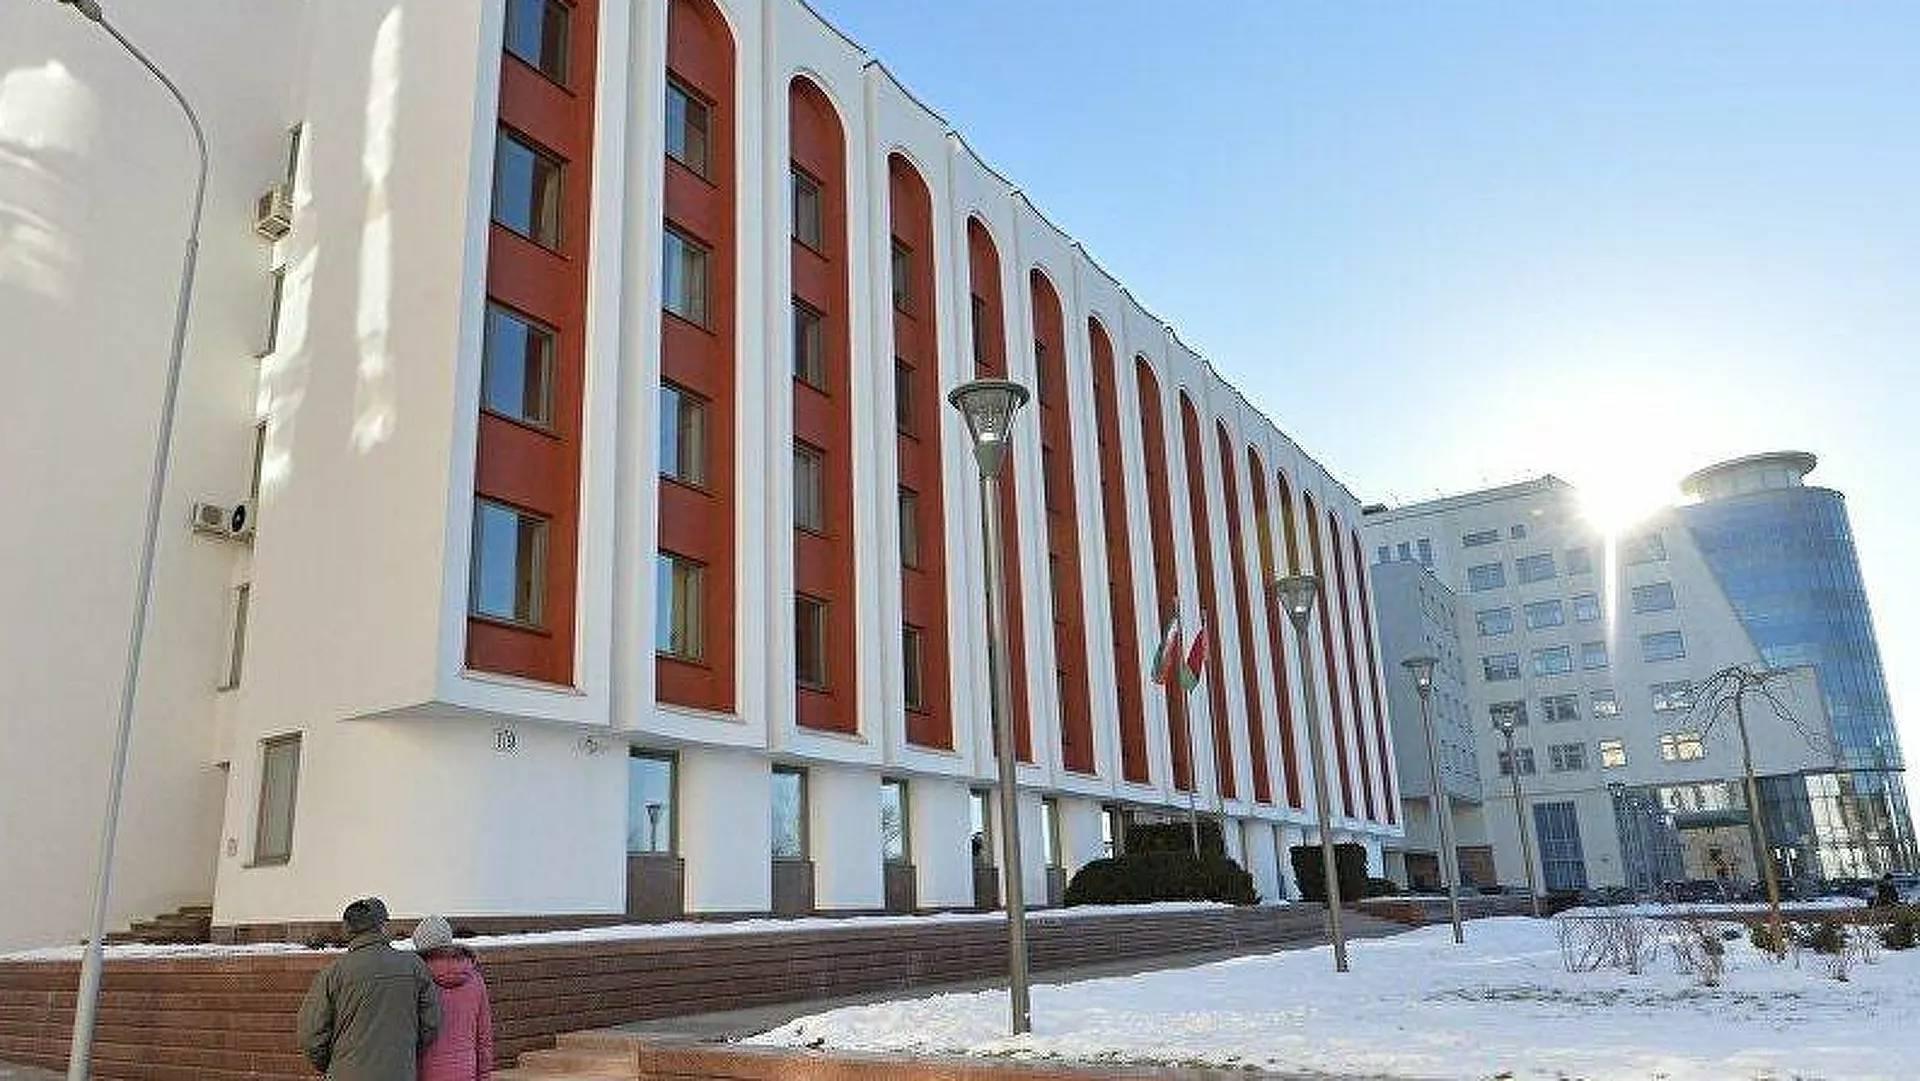 俄罗斯驱赶两位芬兰外交人员